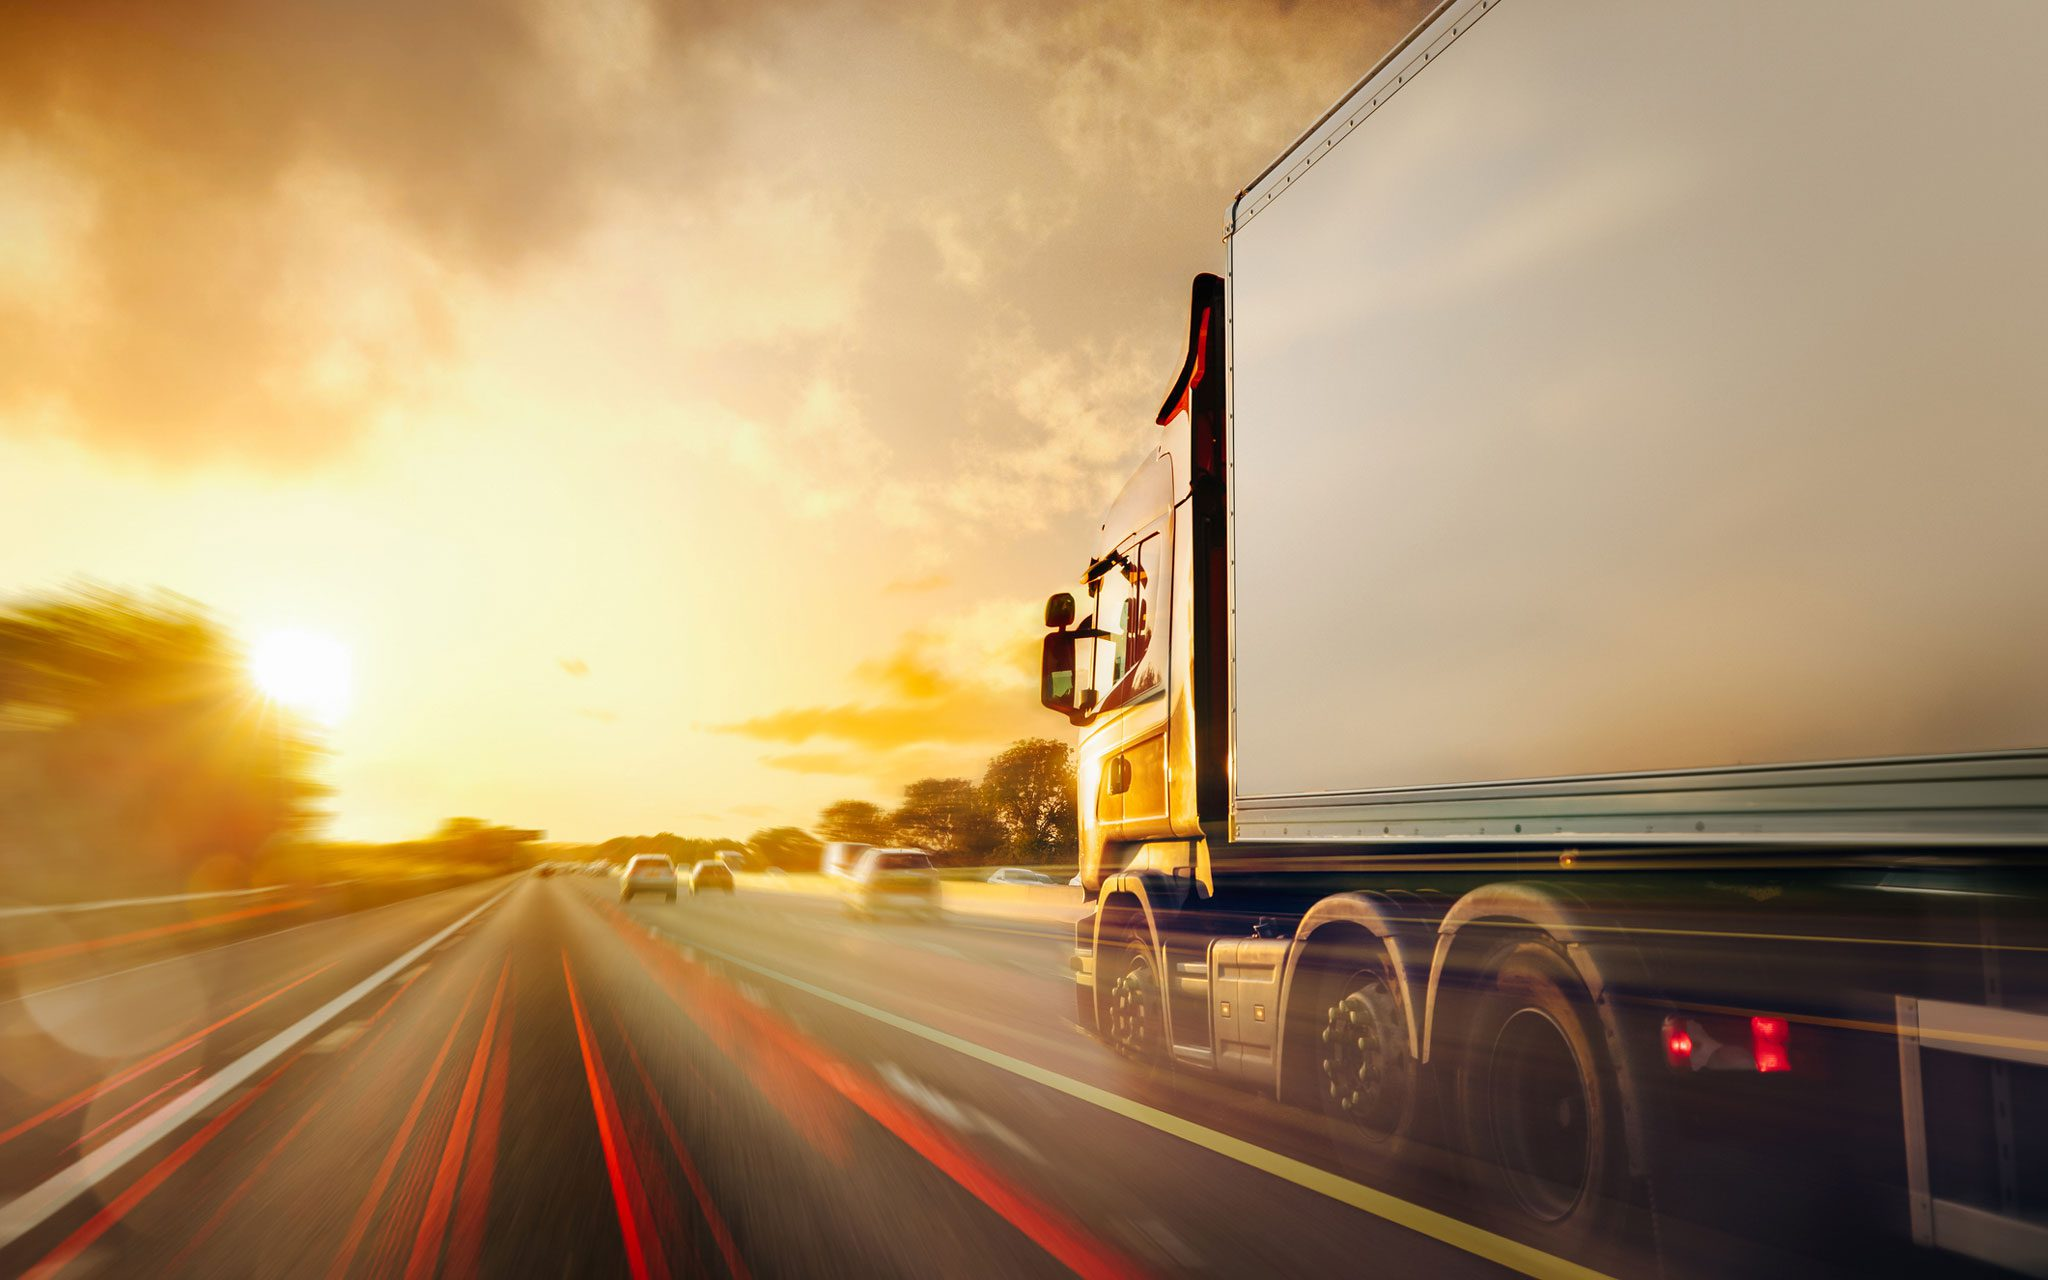 LKW auf der Autobahn im dichten Verkehr